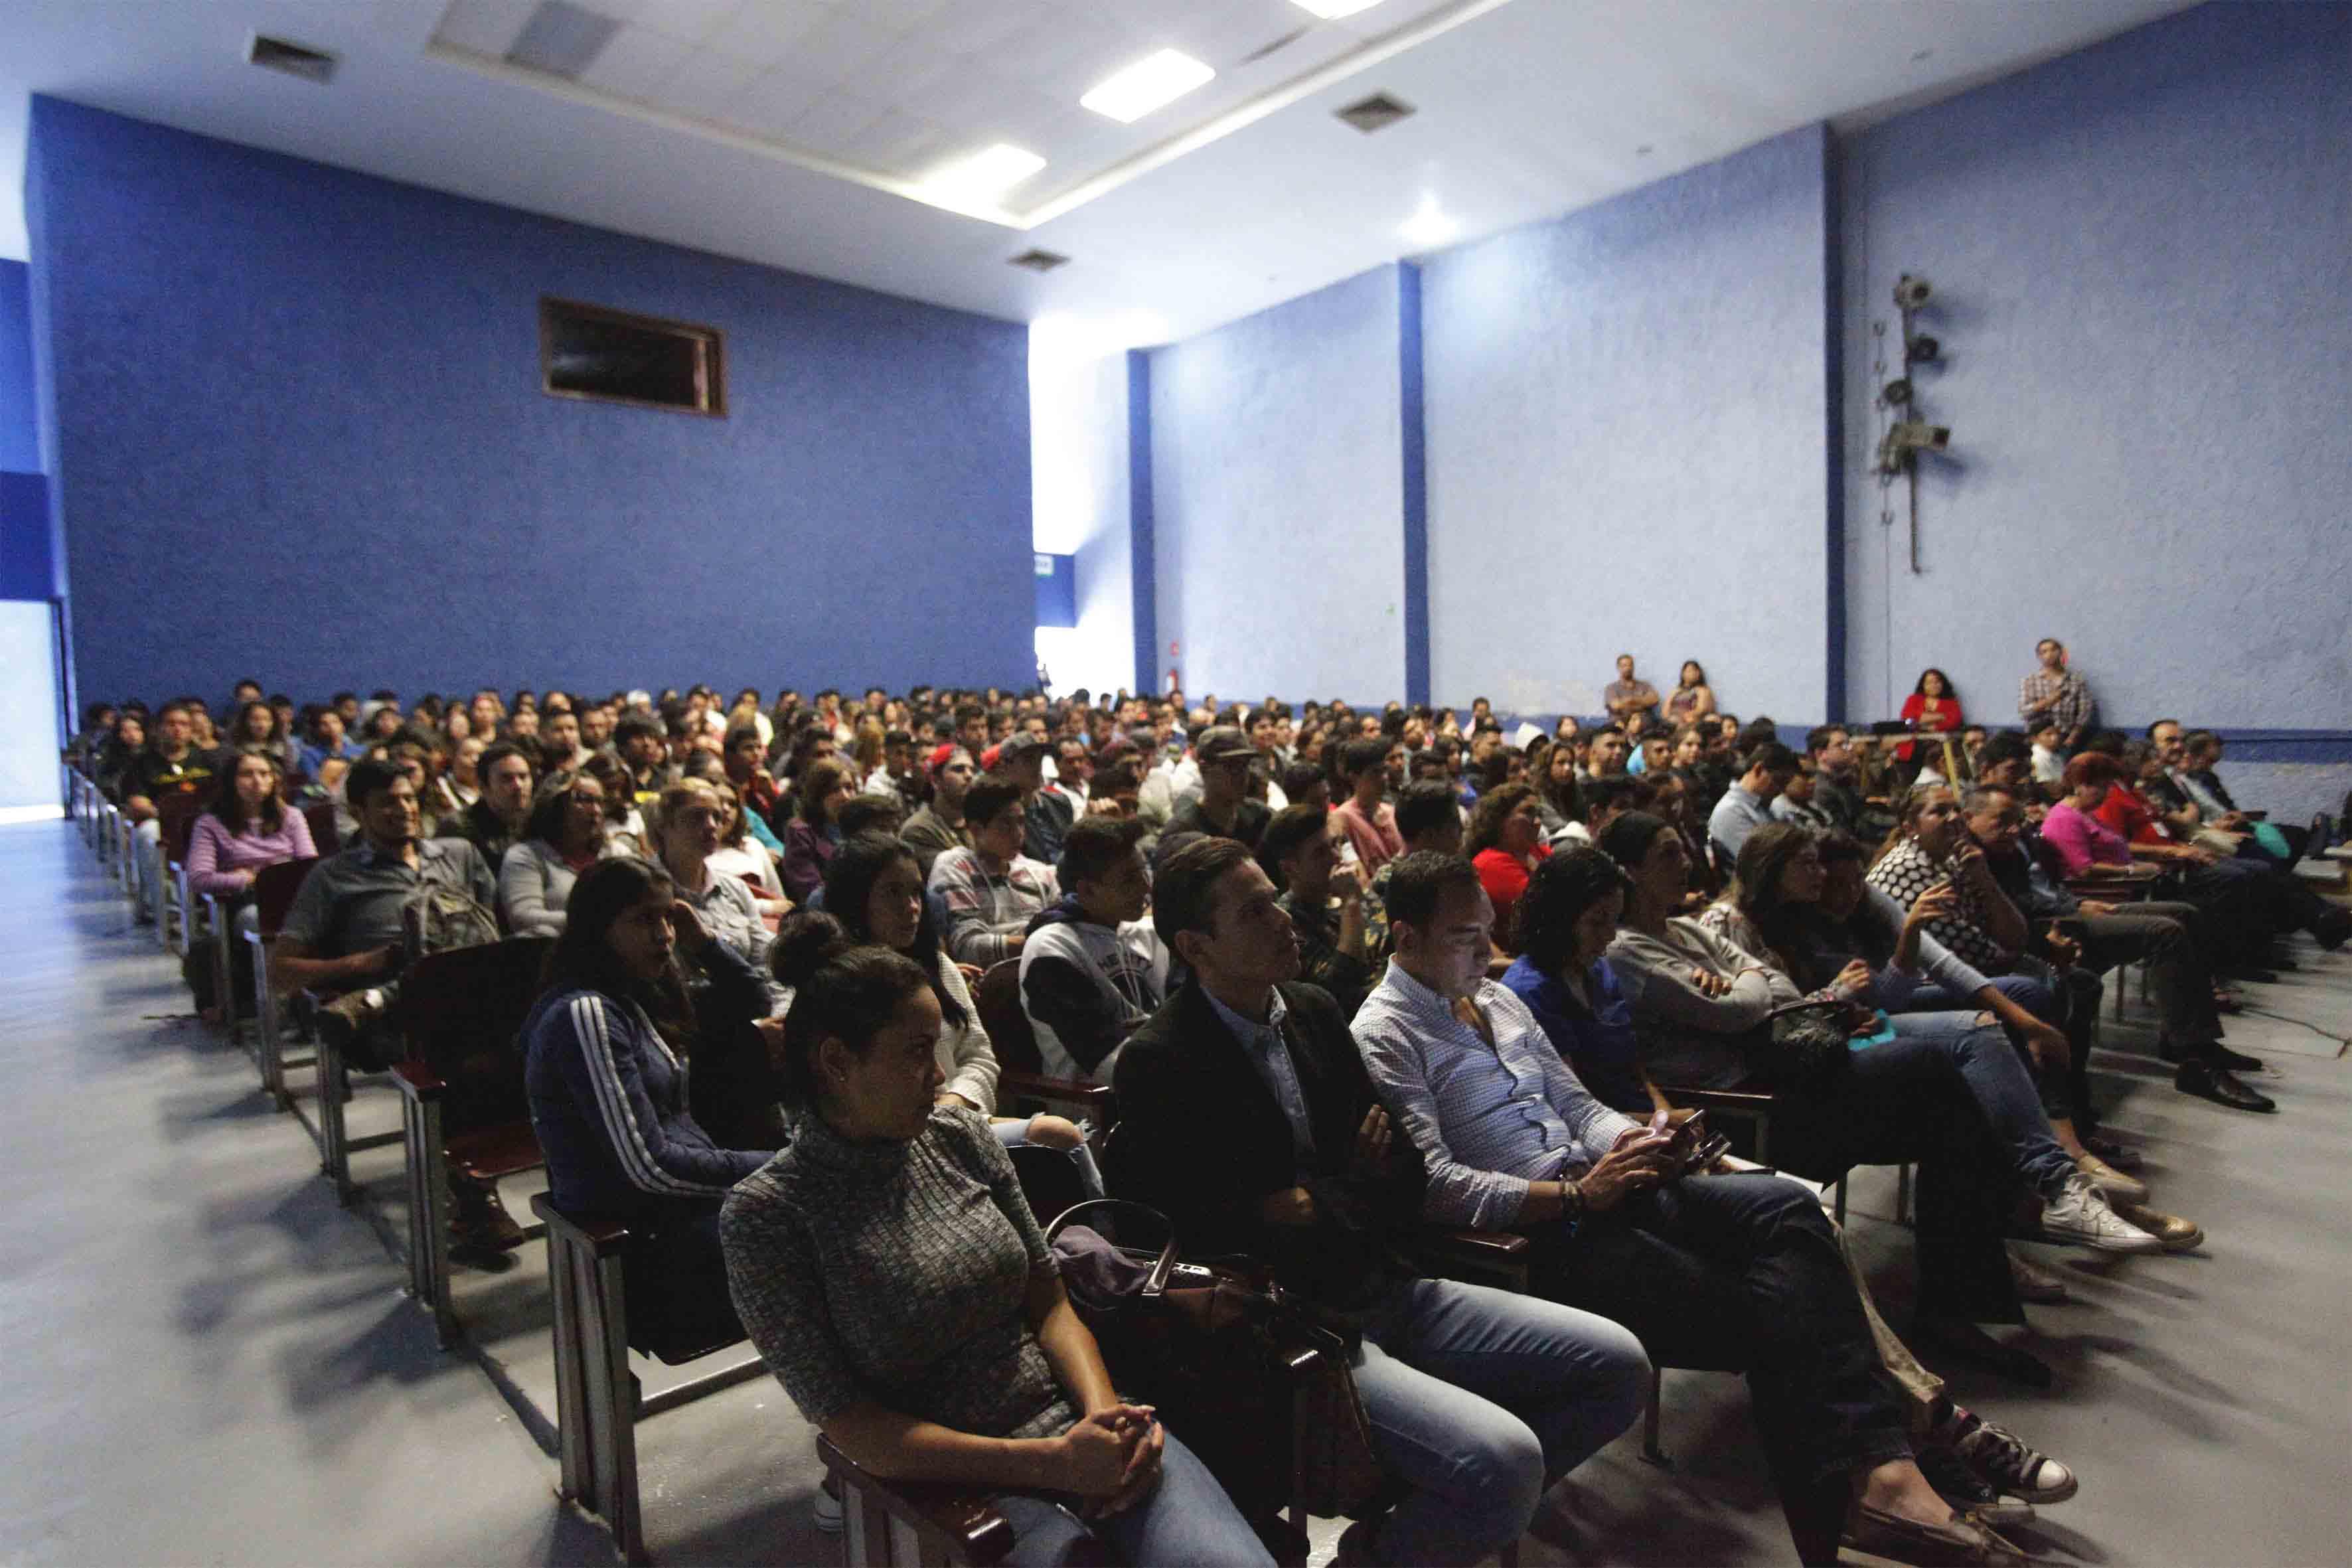 Público asistente a la conferencia, convocada por diversas instituciones, como parte del Día Mundial contra la Rabia